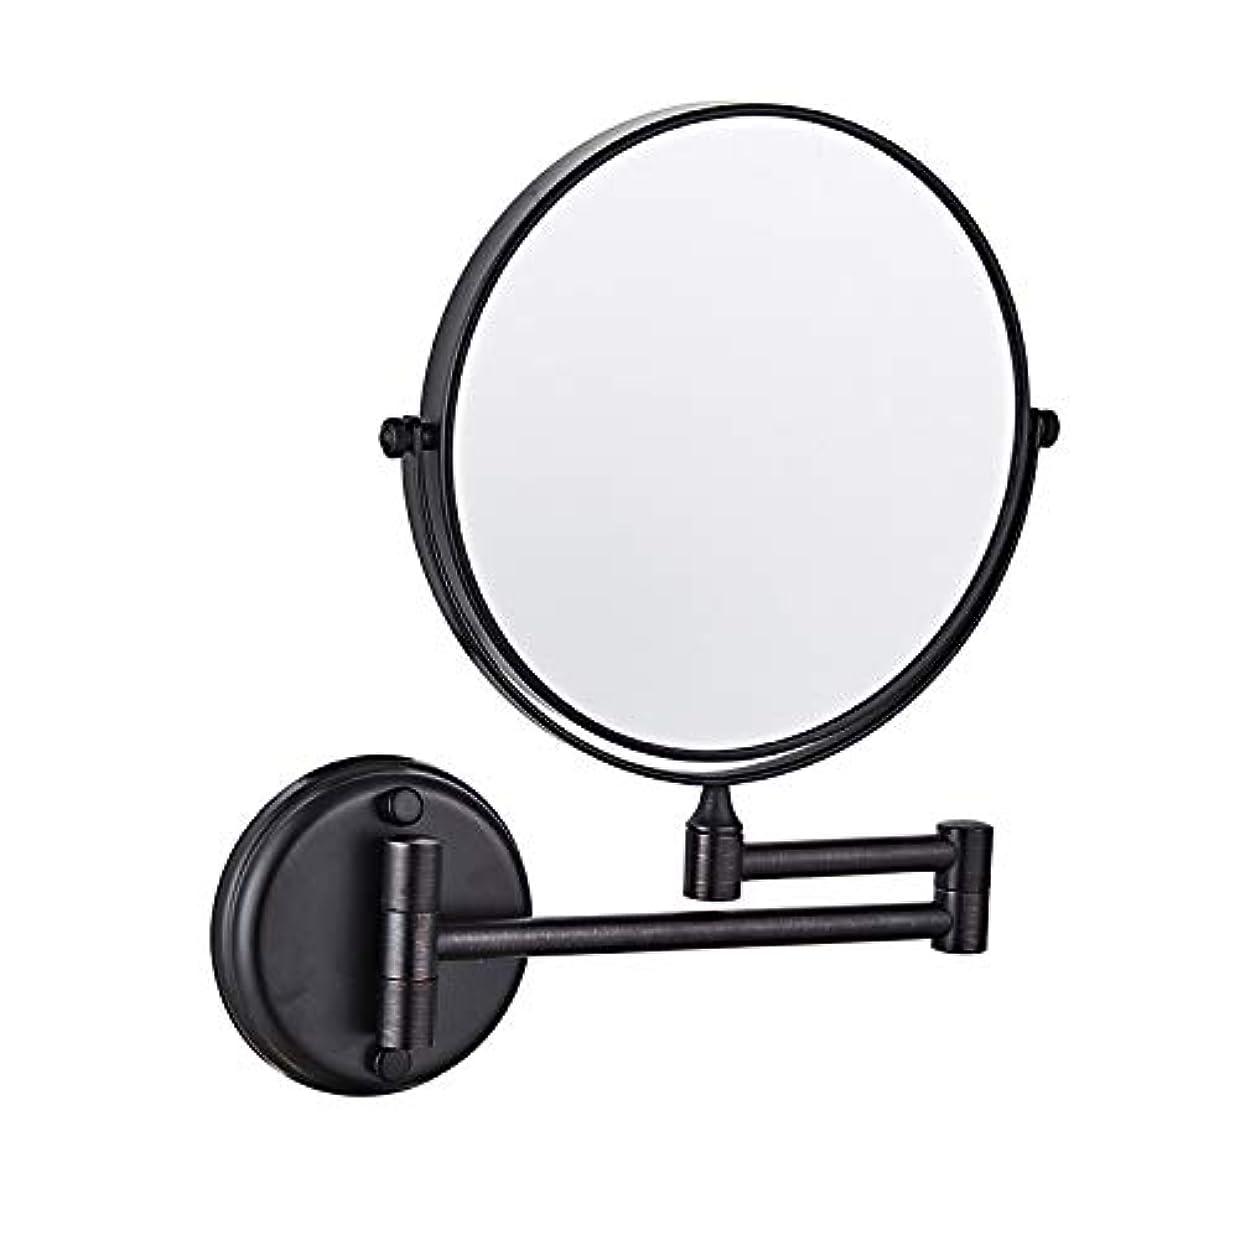 ポーチダイジェストスイバスルームミラー壁掛, シェービングミラー, 無料調整 格納式、回転式、クロム、装飾ミラークリエイティブウォールマウントバスルームのメイクミラー 浴室用リビングルーム - ブラック 8inch 5X 拡大鏡